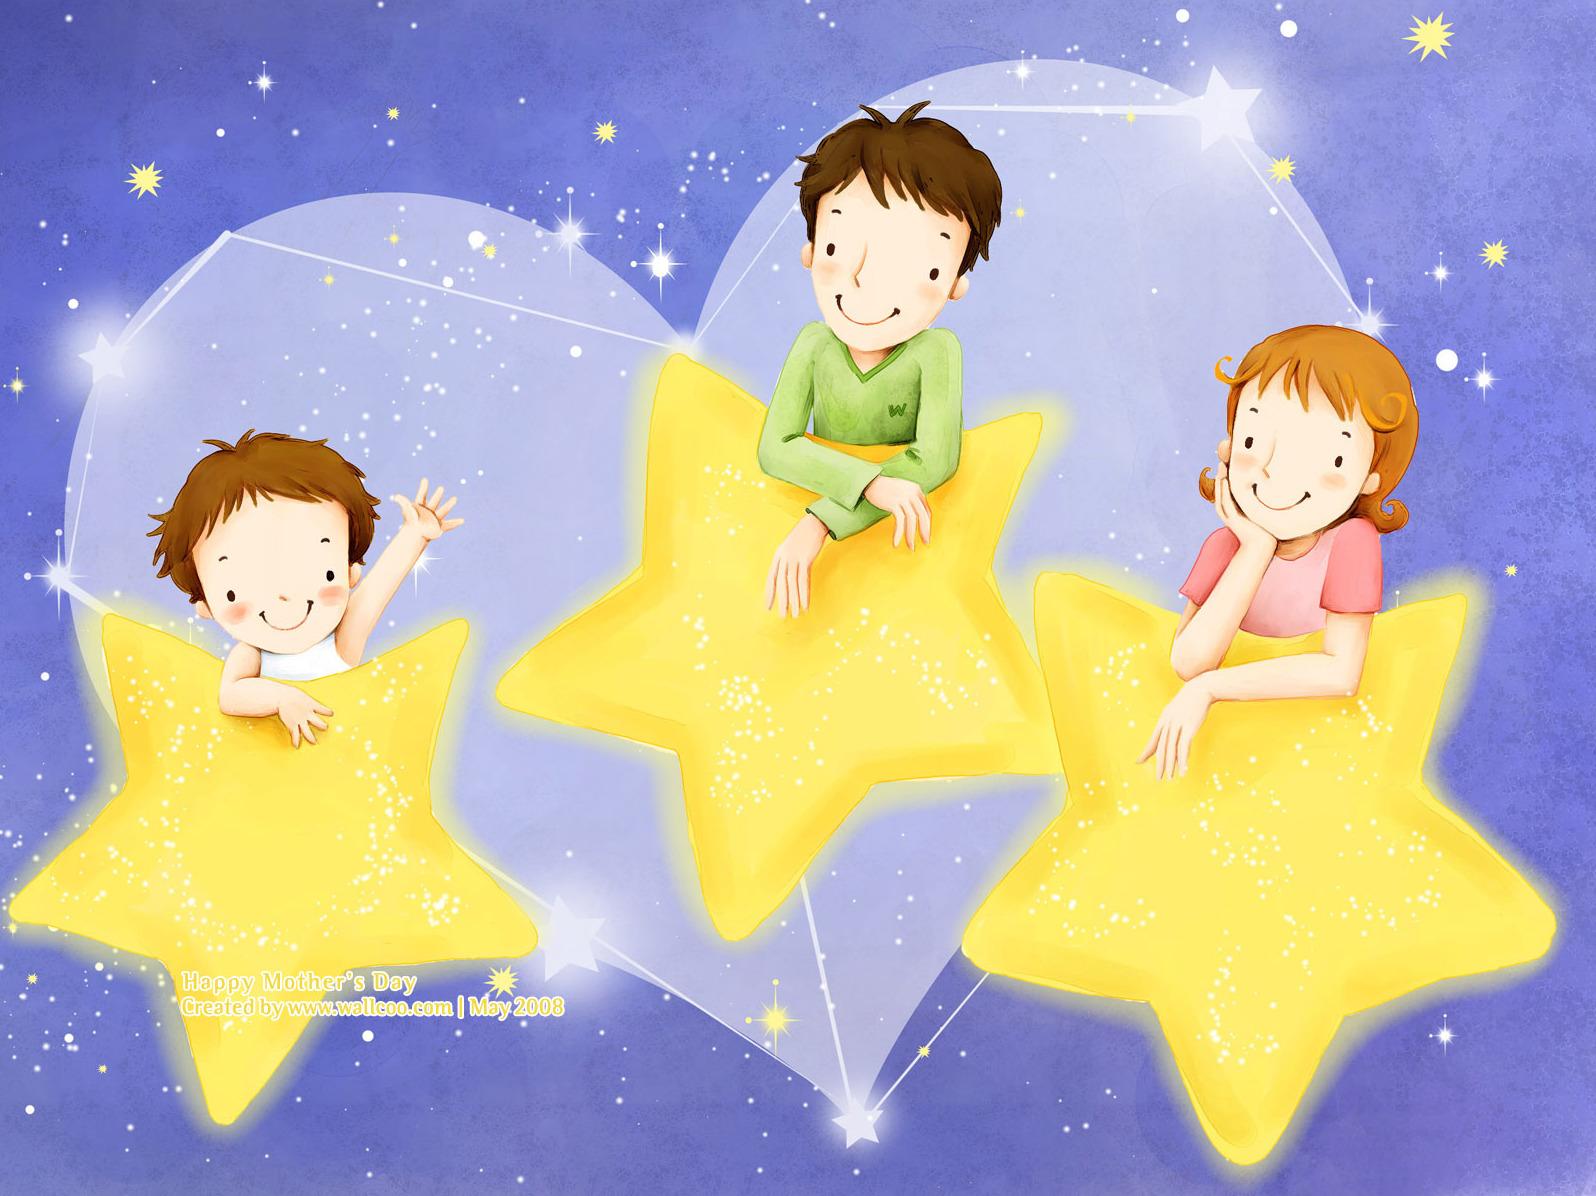 表情 母亲节微信表情之壁纸1600 1200母亲节幸福家韩国插画壁纸 母图片大全  表情